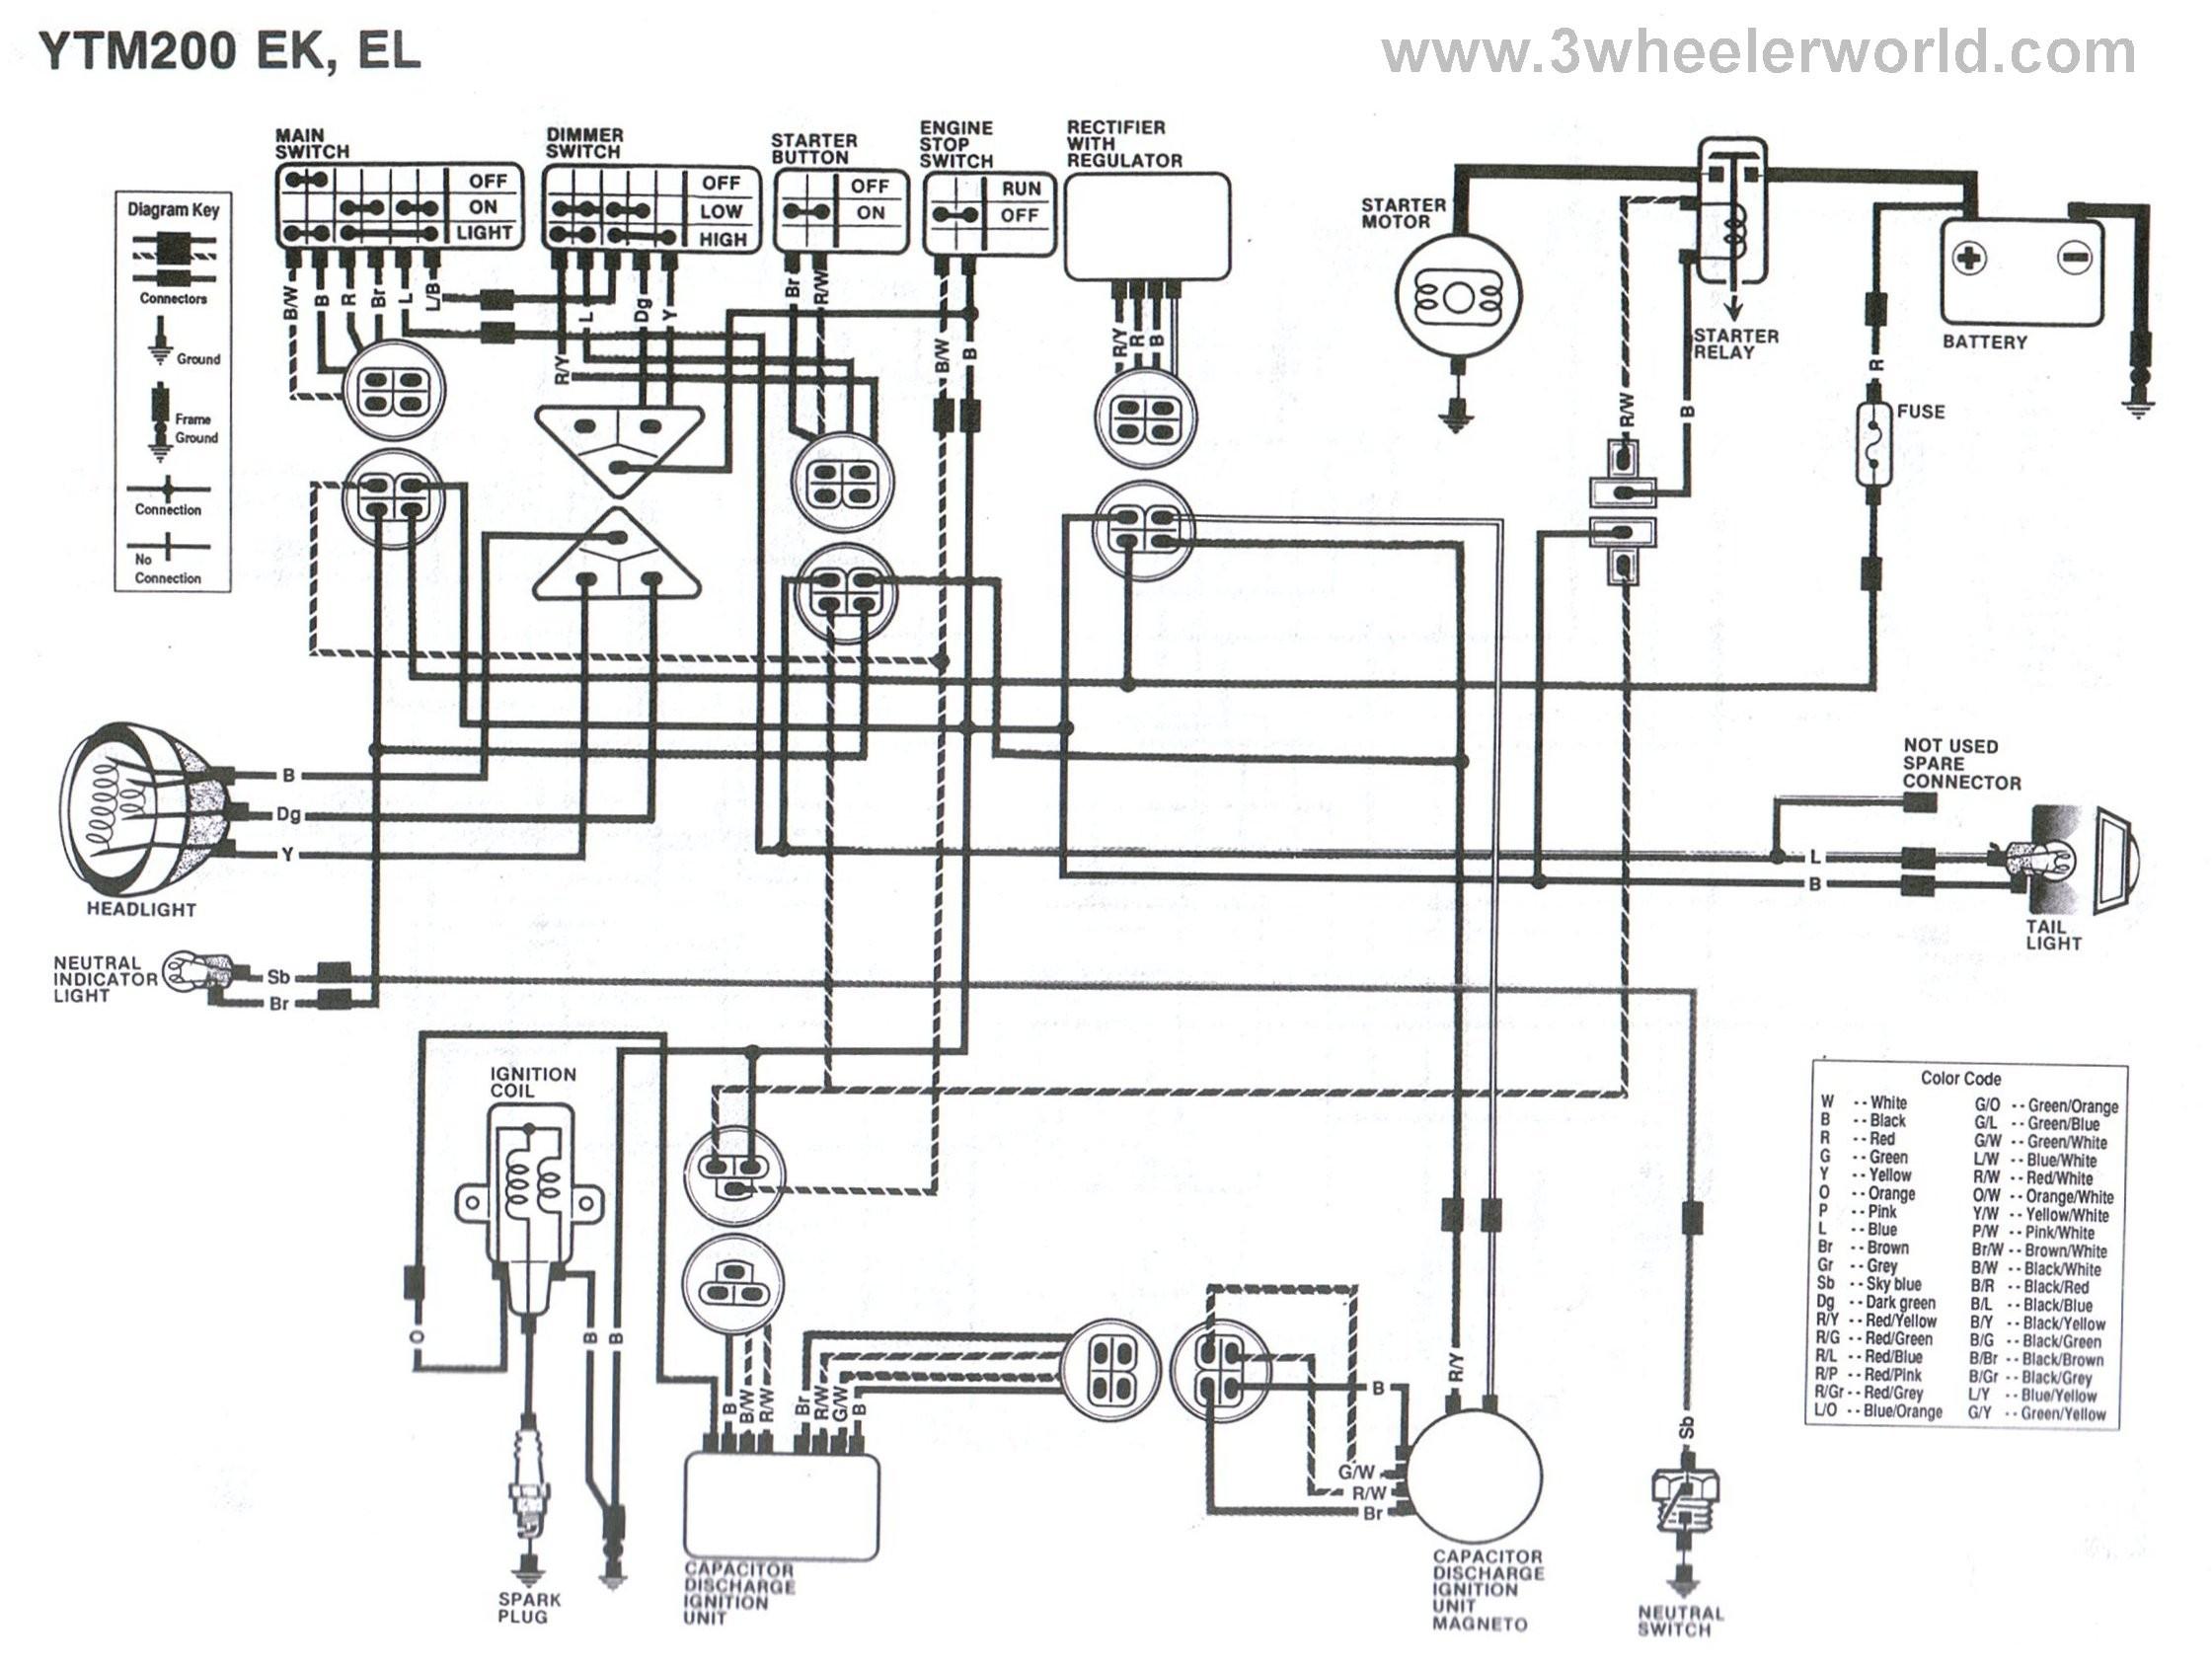 Yamaha Virago CDI Wiring Diagram Rebuilds 3 wheeler world tech help yamaha wiring diagrams ripping